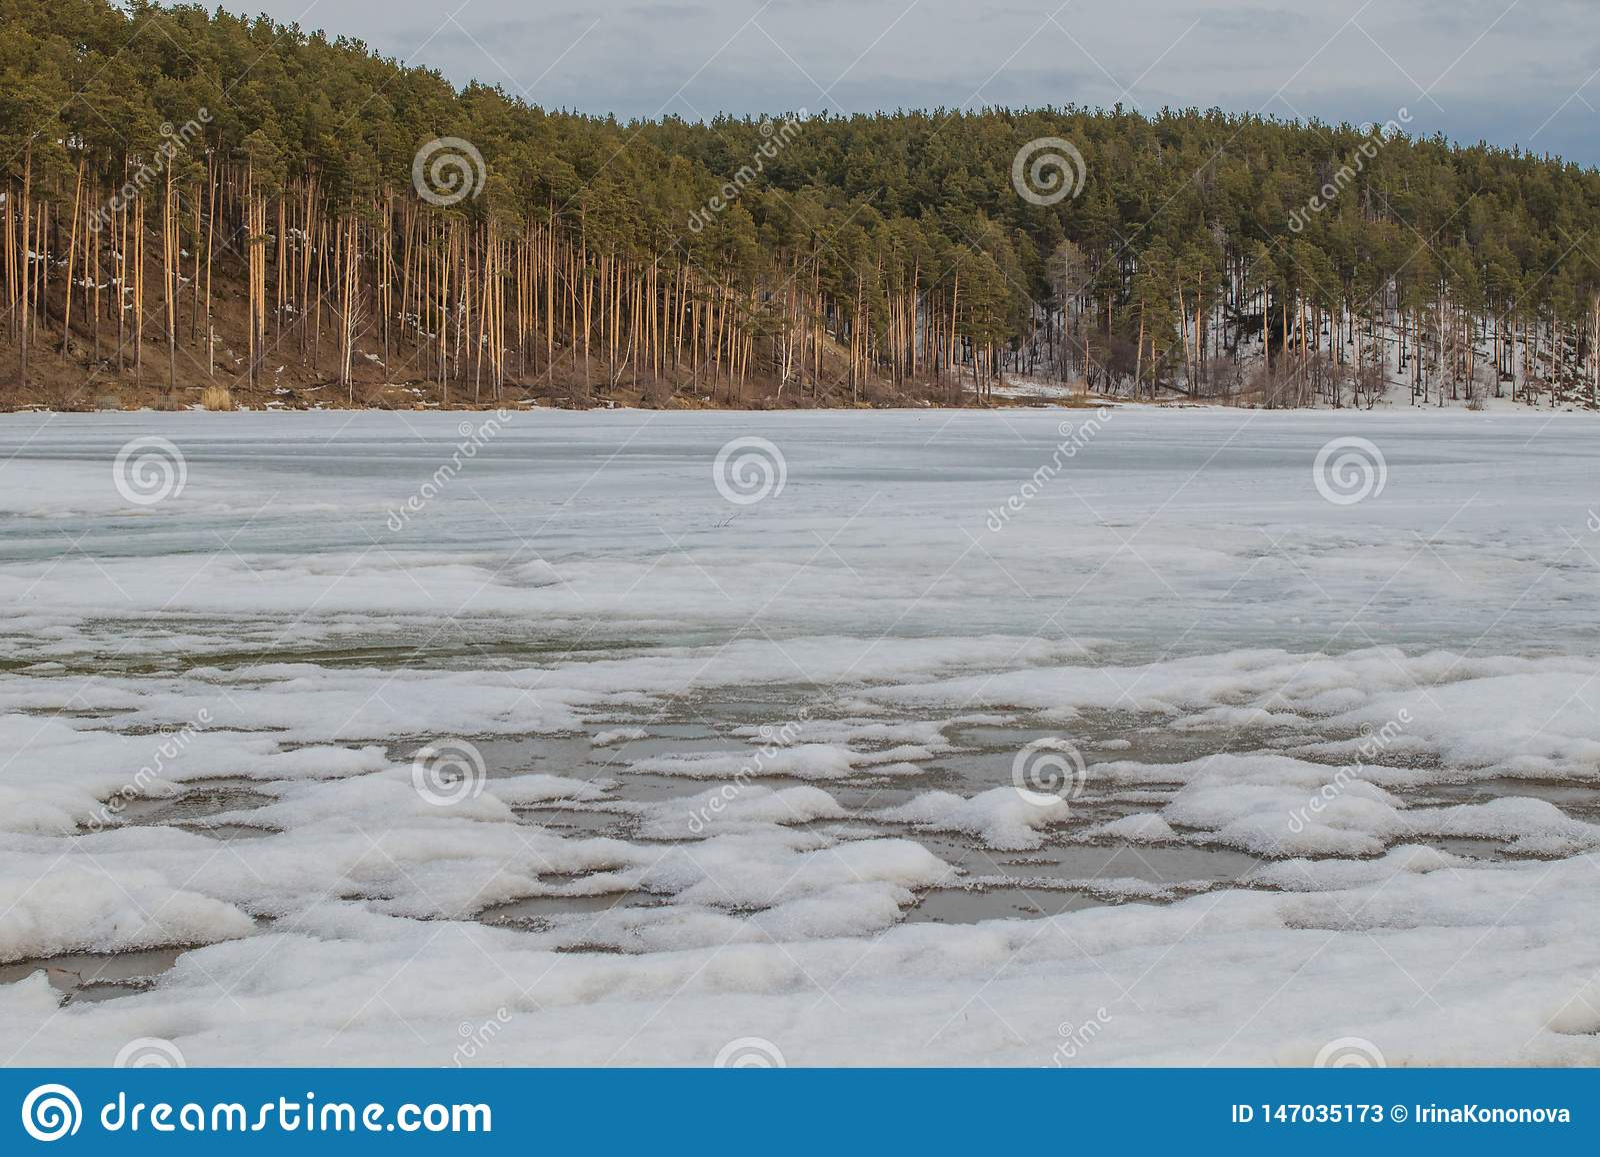 R Расплавленный лед на реке